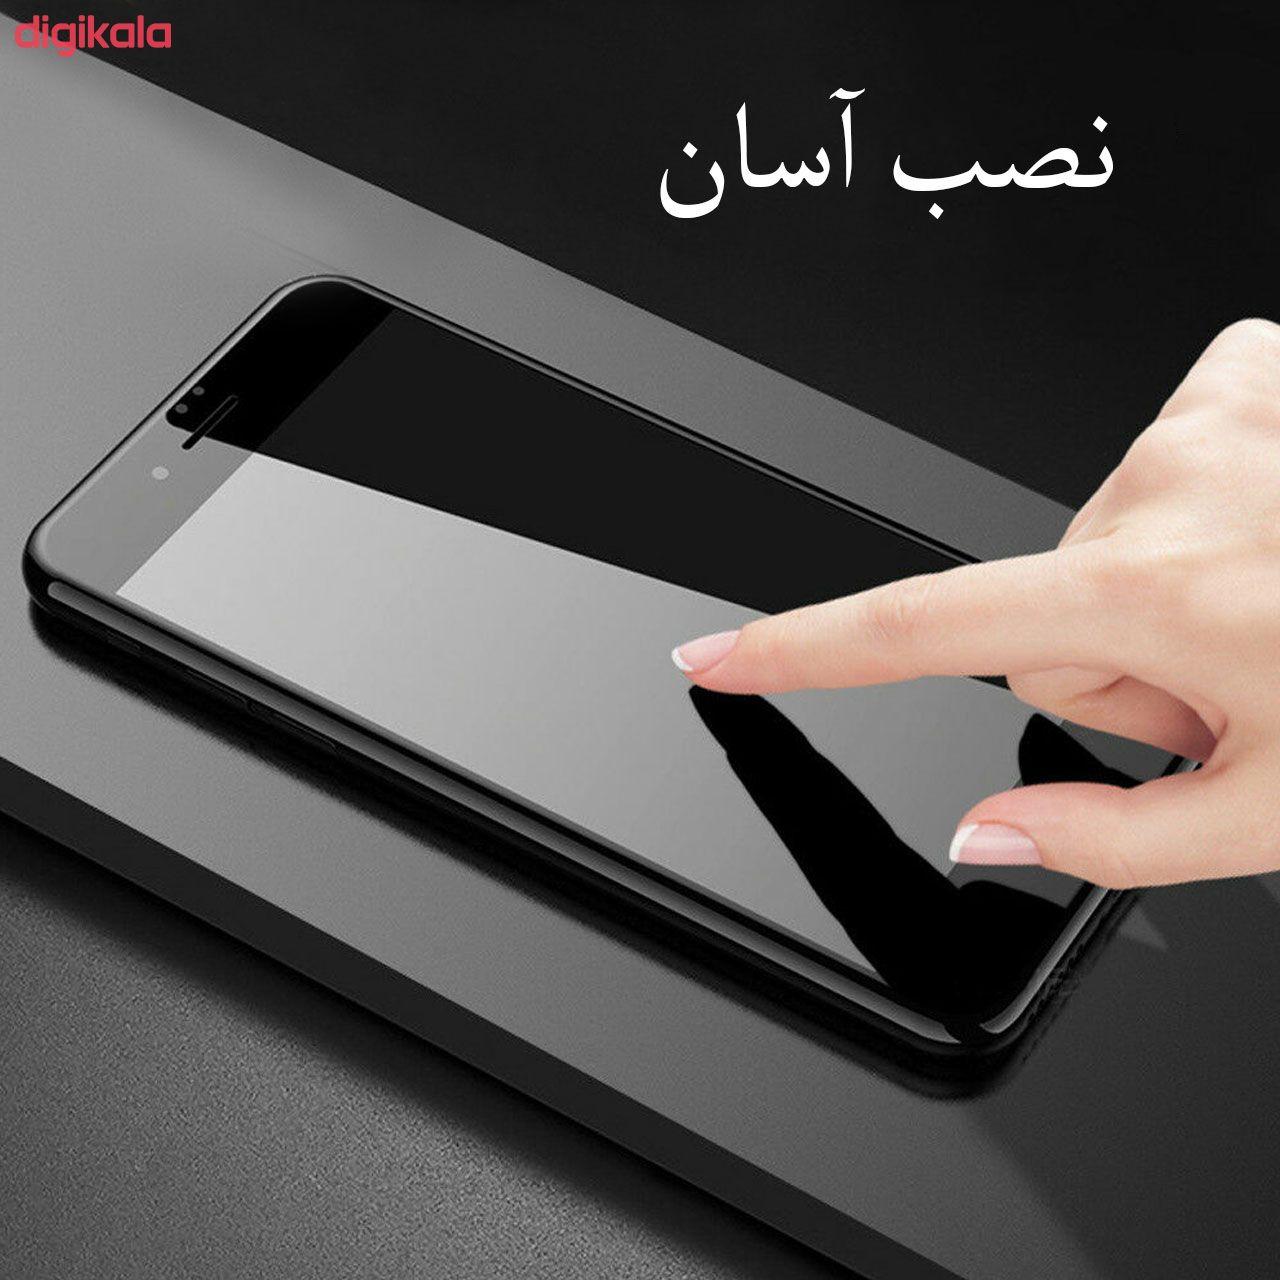 محافظ صفحه نمایش مدل FCG مناسب برای گوشی موبایل اپل iPhone 7 Plus main 1 5